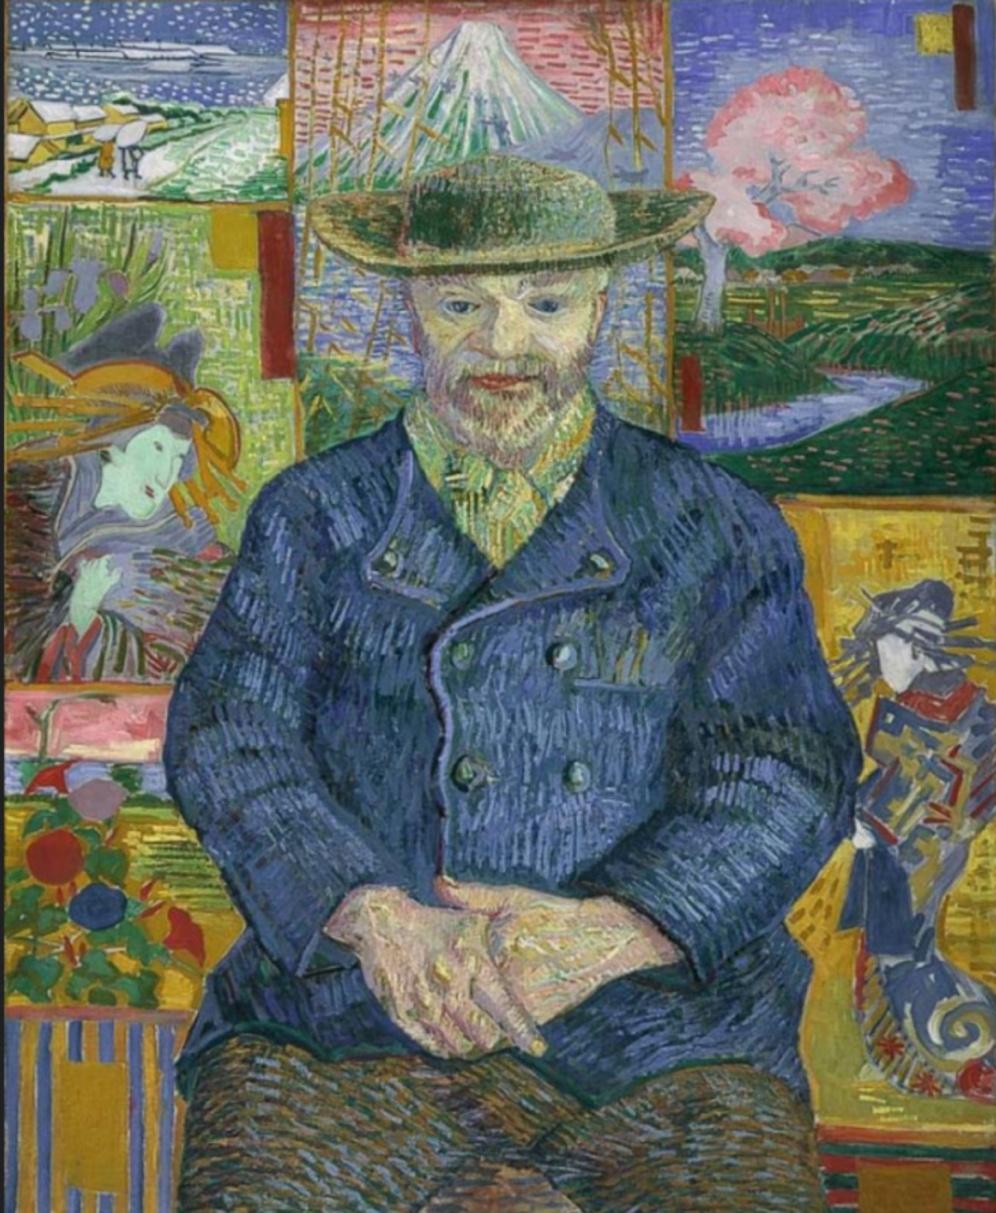 Vincent van Gogh, Portrait of Julien Tanguy, 1887, Musée Rodin, Paris, source: wikimedia